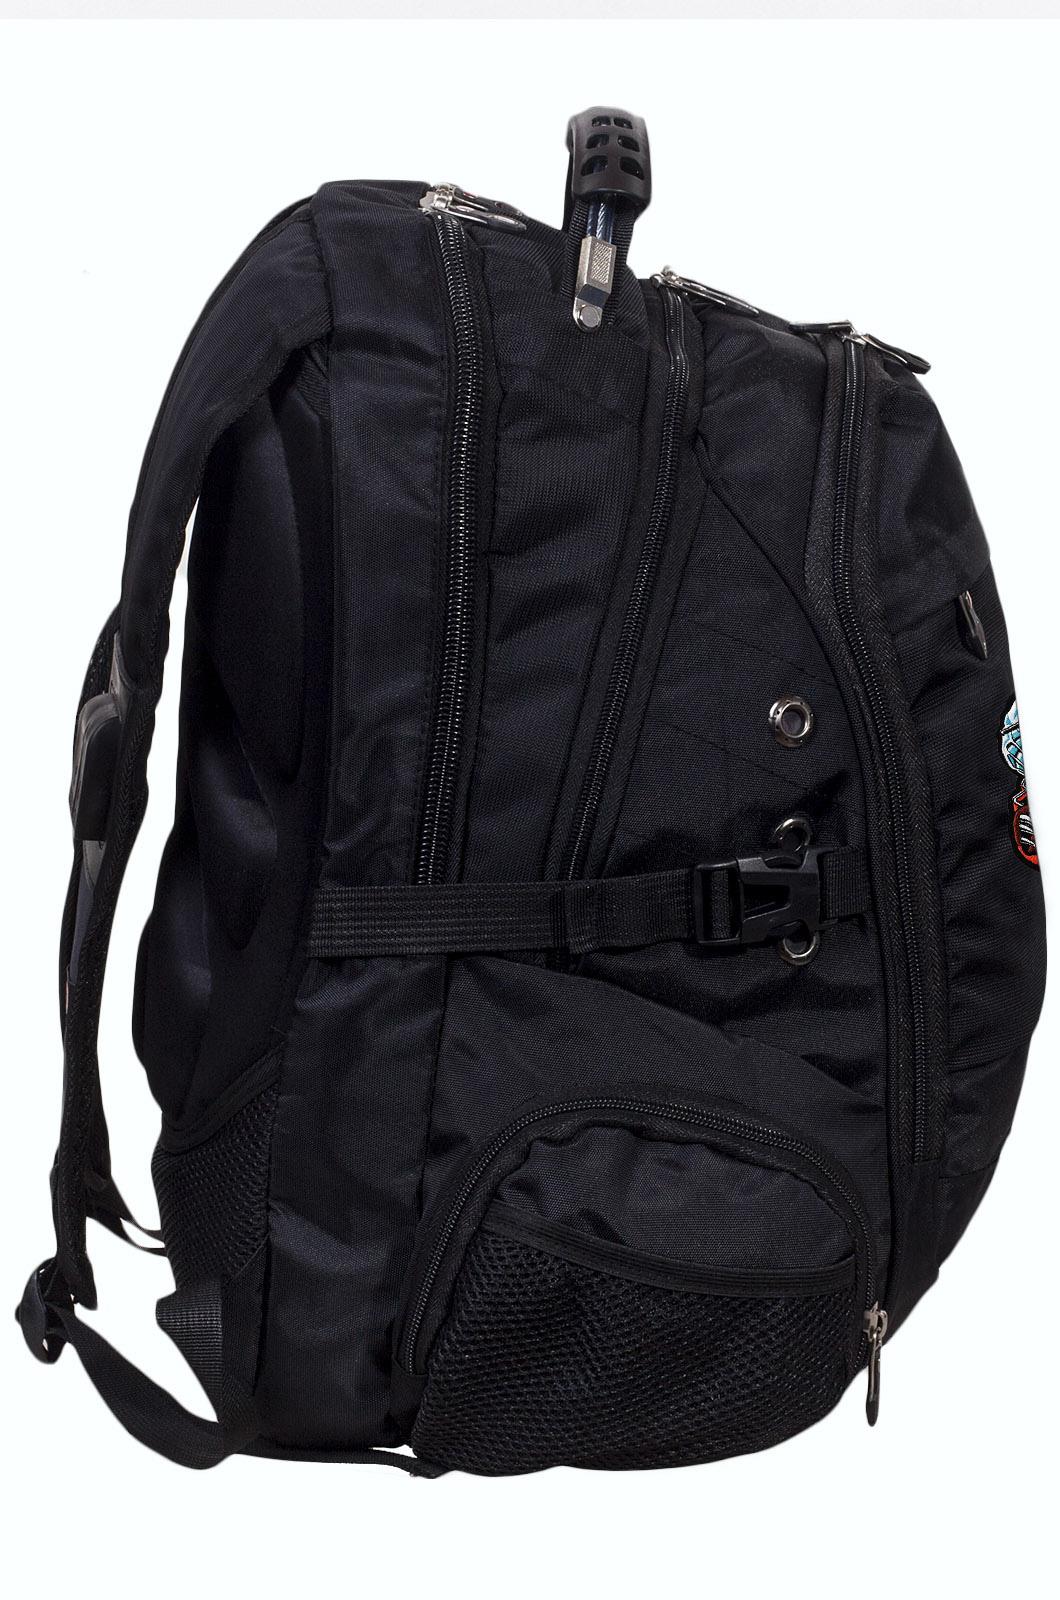 Заказать зачетный рюкзак с символикой ВДВ